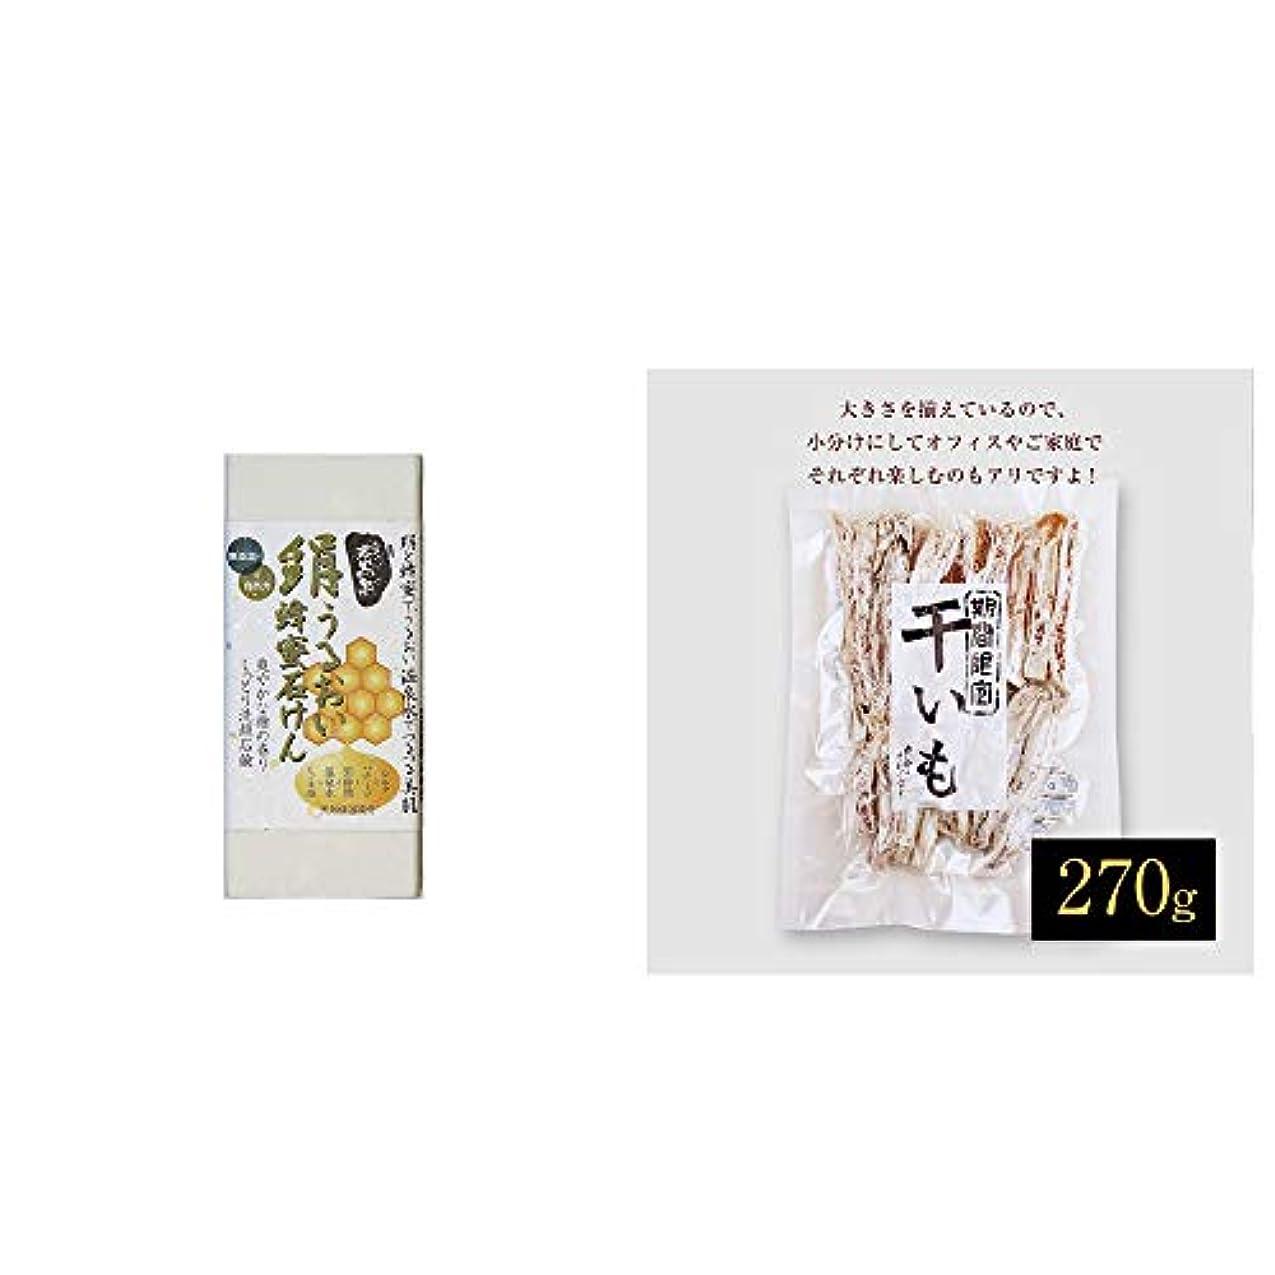 [2点セット] ひのき炭黒泉 絹うるおい蜂蜜石けん(75g×2)?干いも(270g)